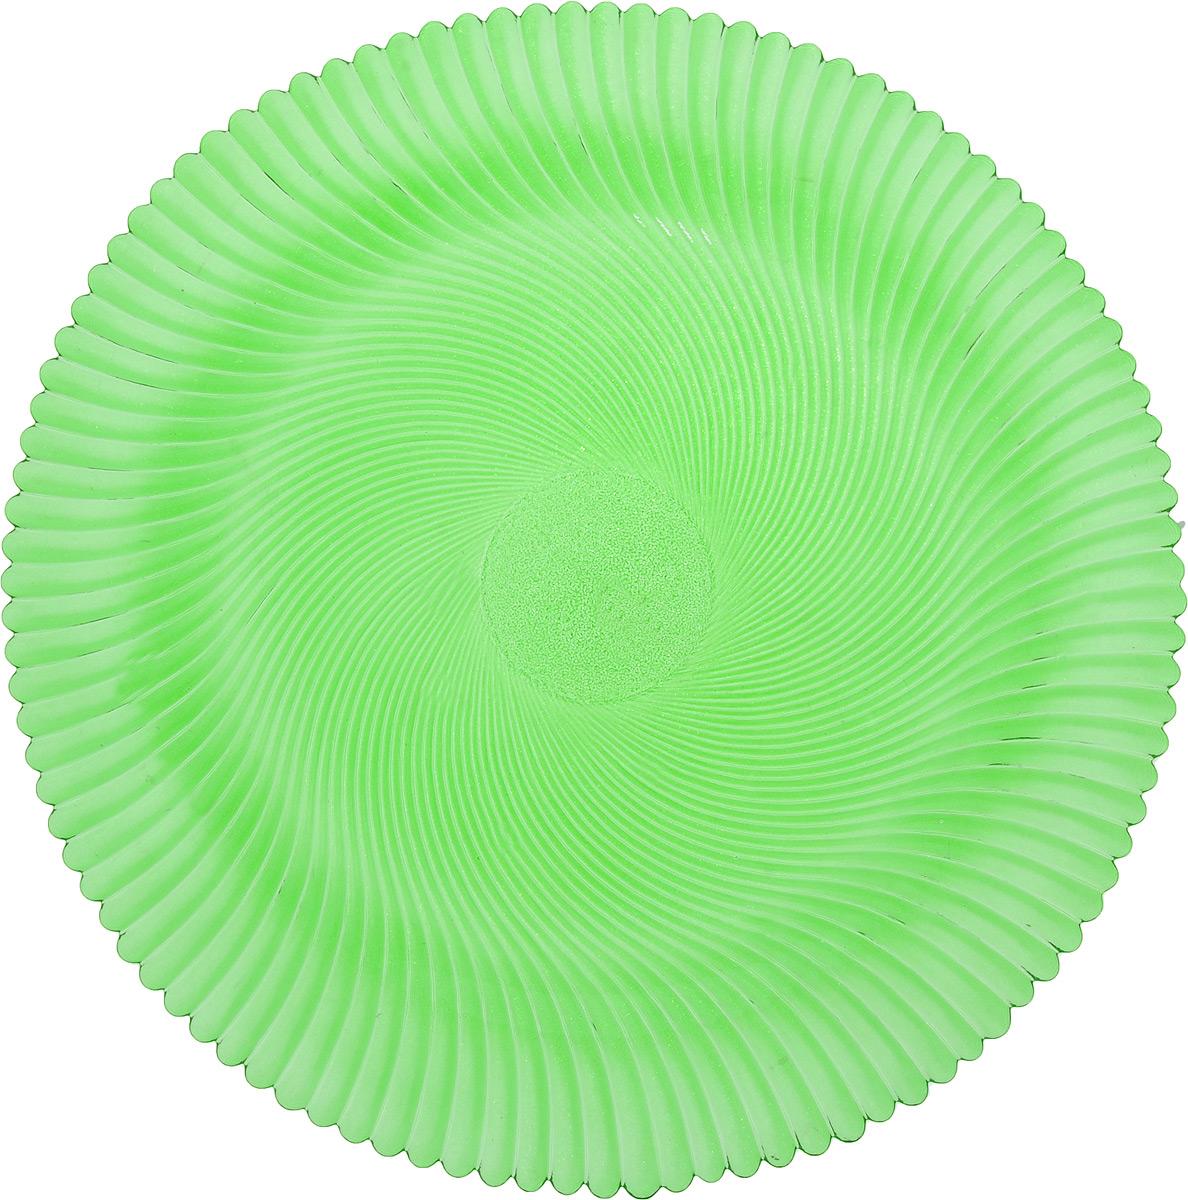 Блюдо NiNaGlass Альтера, цвет: зеленый, диаметр 32 см115510Блюдо NiNaGlass Альтера, изготовленное из высококачественного стекла, имеет круглую форму и прекрасно подойдет для подачи нарезок, закусок и других блюд. Внешняя стенка изделия имеет рельефную форму. Такое блюдо украсит сервировку вашего стола и подчеркнет прекрасный вкус хозяйки.Диаметр блюда (по верхнему краю): 32 см.Высота блюда: 2 см.